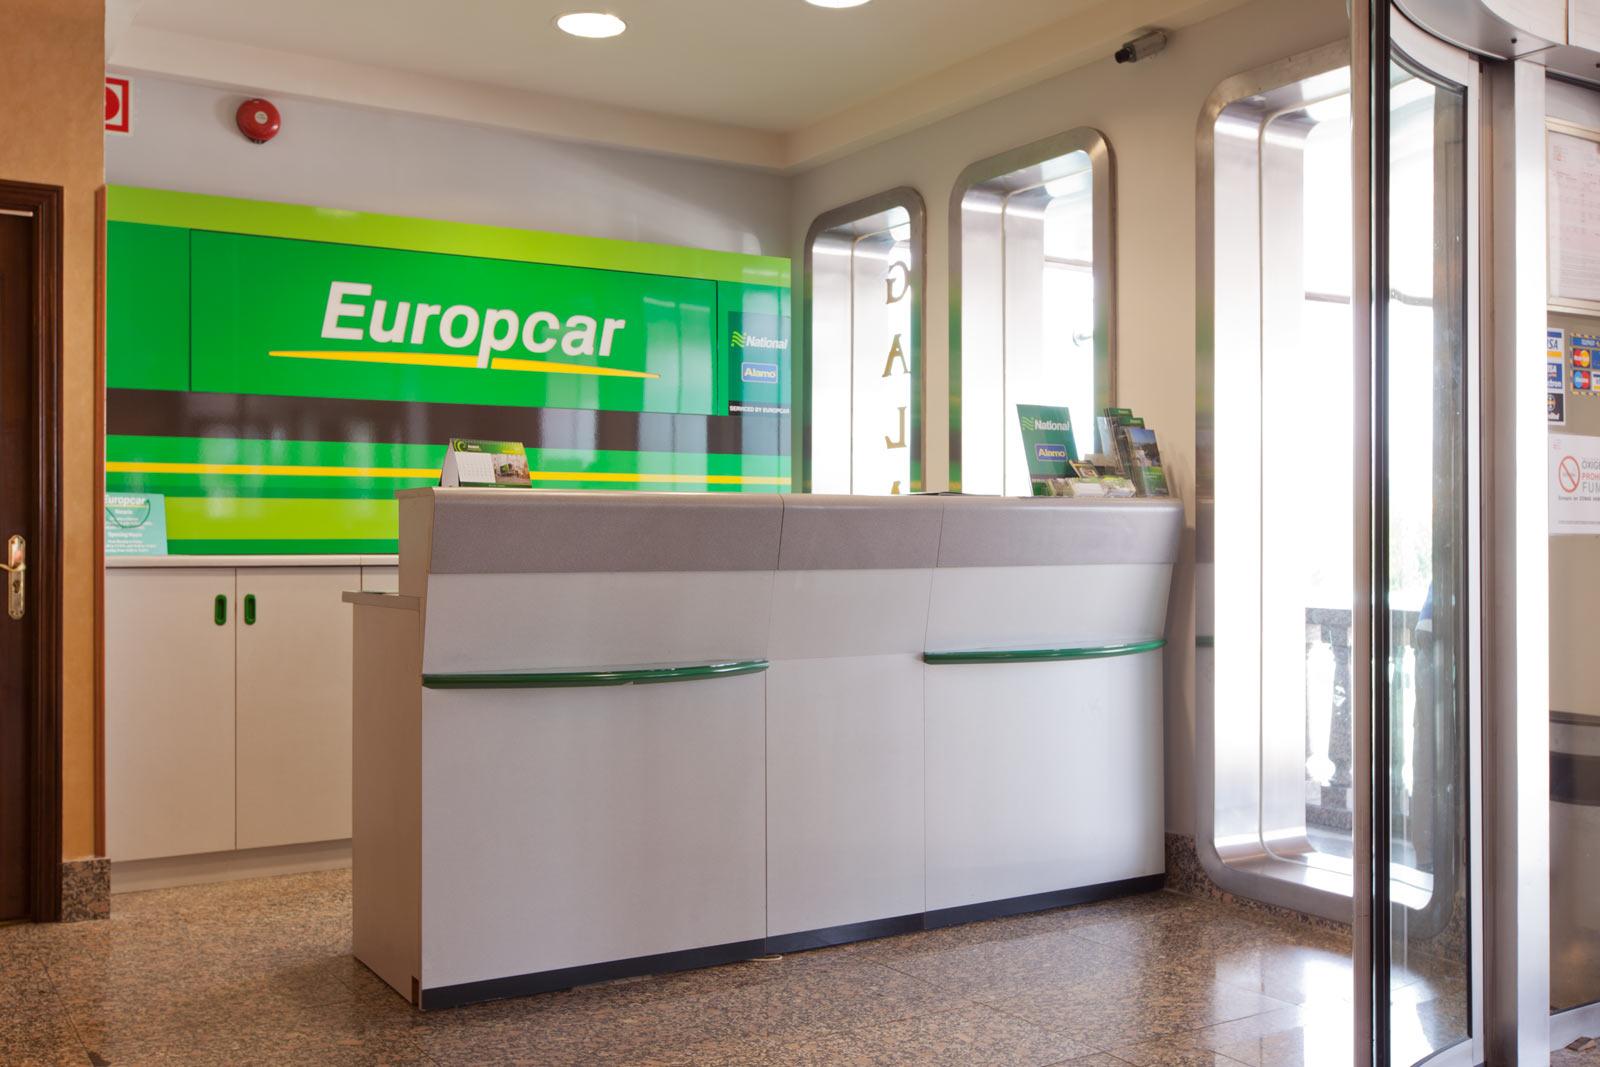 Hotel galaico collado villalba web oficial mejor precio for Oficinas europcar madrid